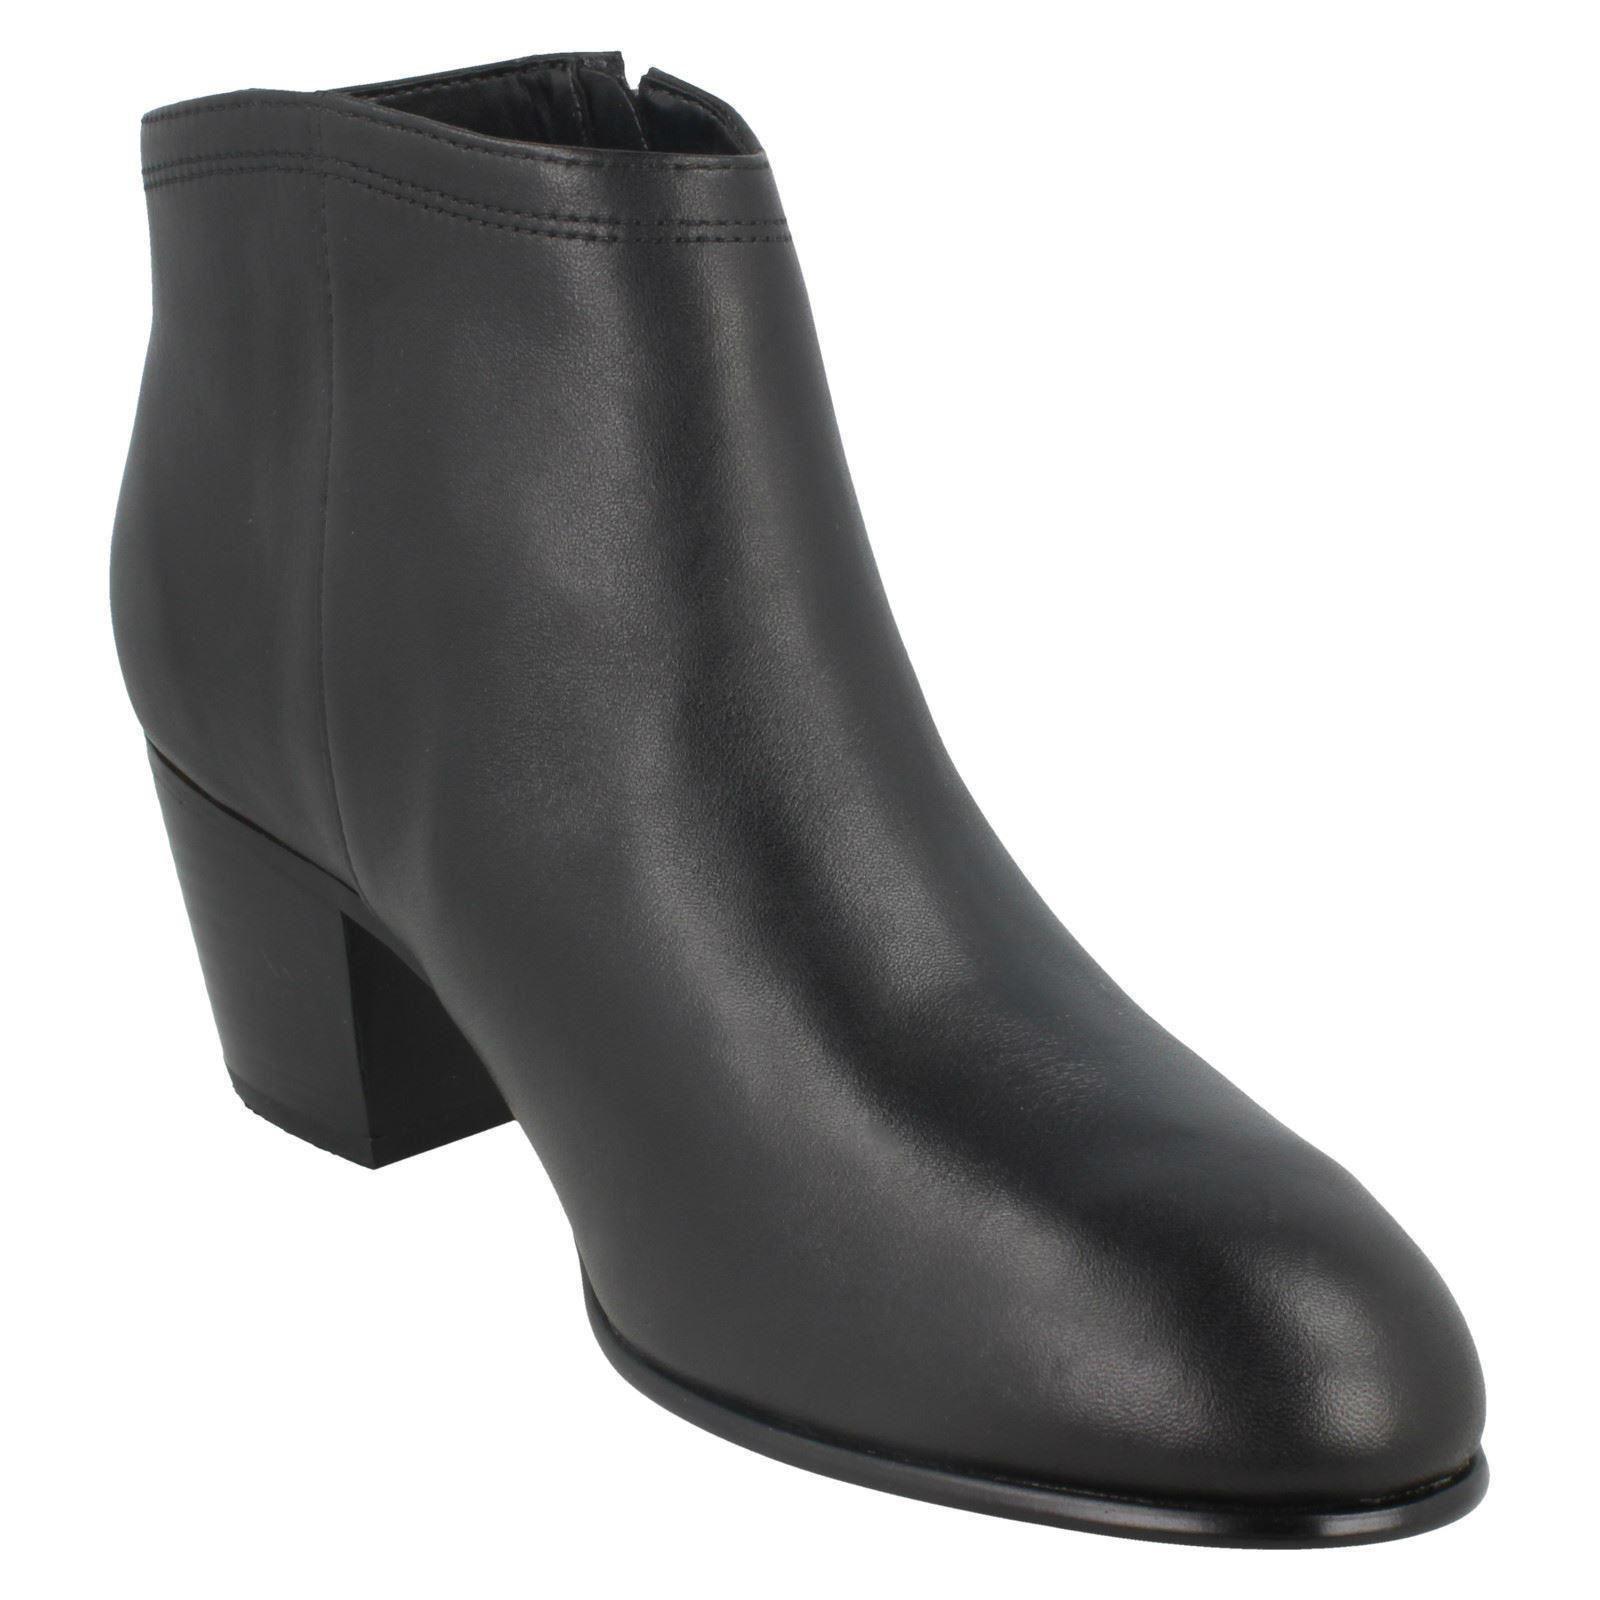 Zapatos Botas de mujer baratos zapatos de mujer Damas Clarks Botas Zapatos al Tobillo Estilo-maypearl Alice 044dc0